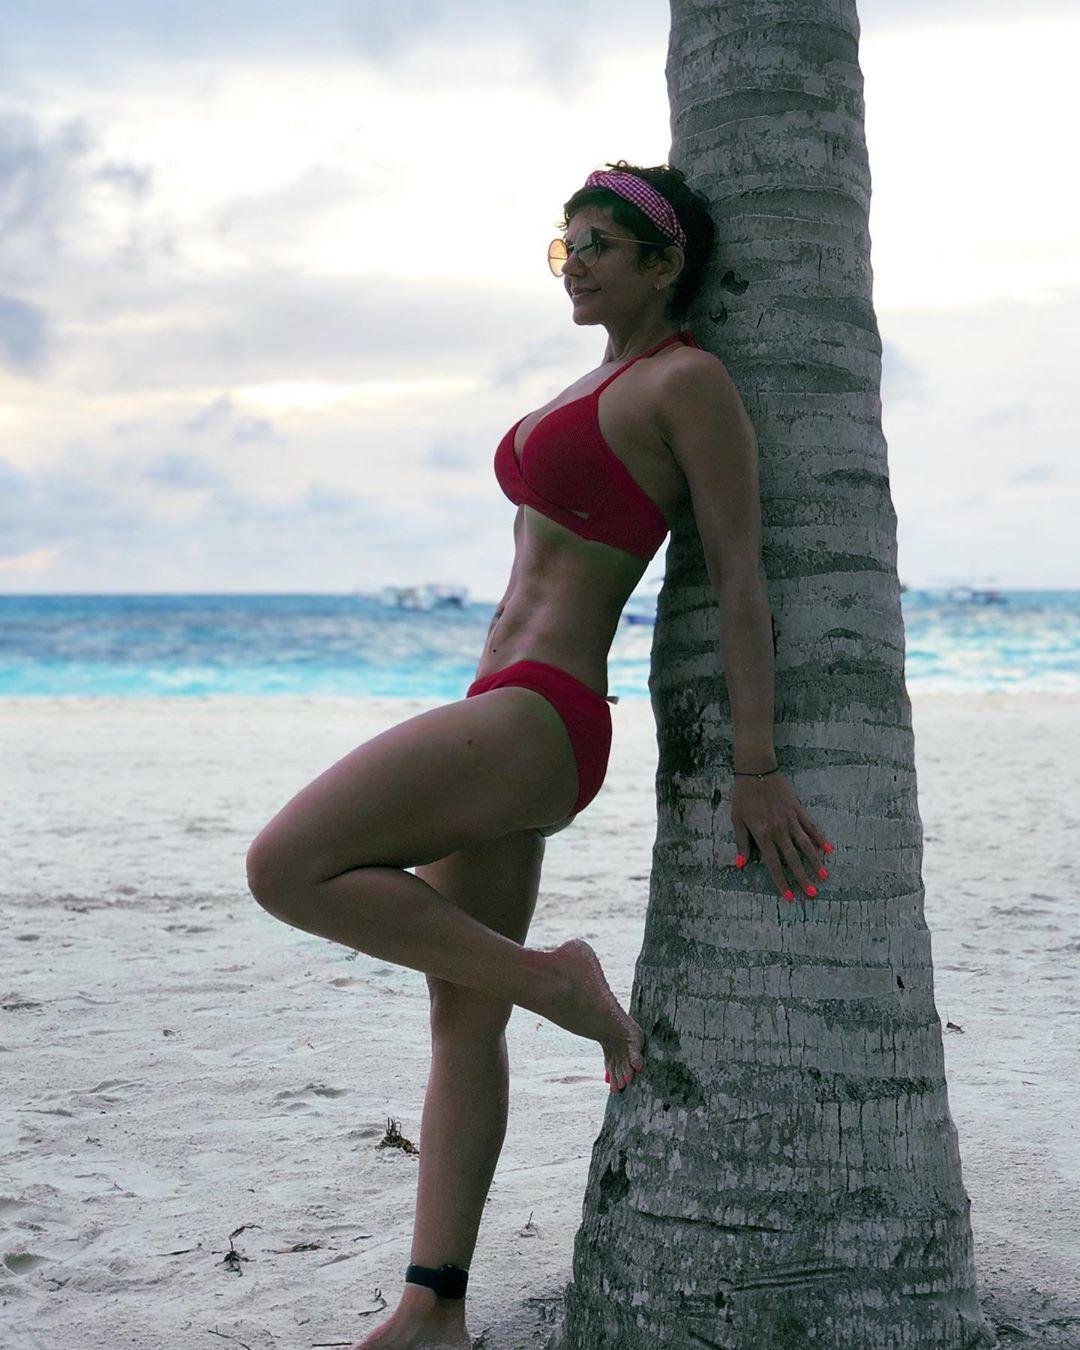 मालदीव वरुन परतल्यानंतर मंदिरानं तिच्या इन्स्टाग्रामवर तिचा बिकीनीमधील एक फोटो शेअर केला आहे ज्यामध्ये तिचे सिक्स पॅक अॅब्ज दिसत आहेत.